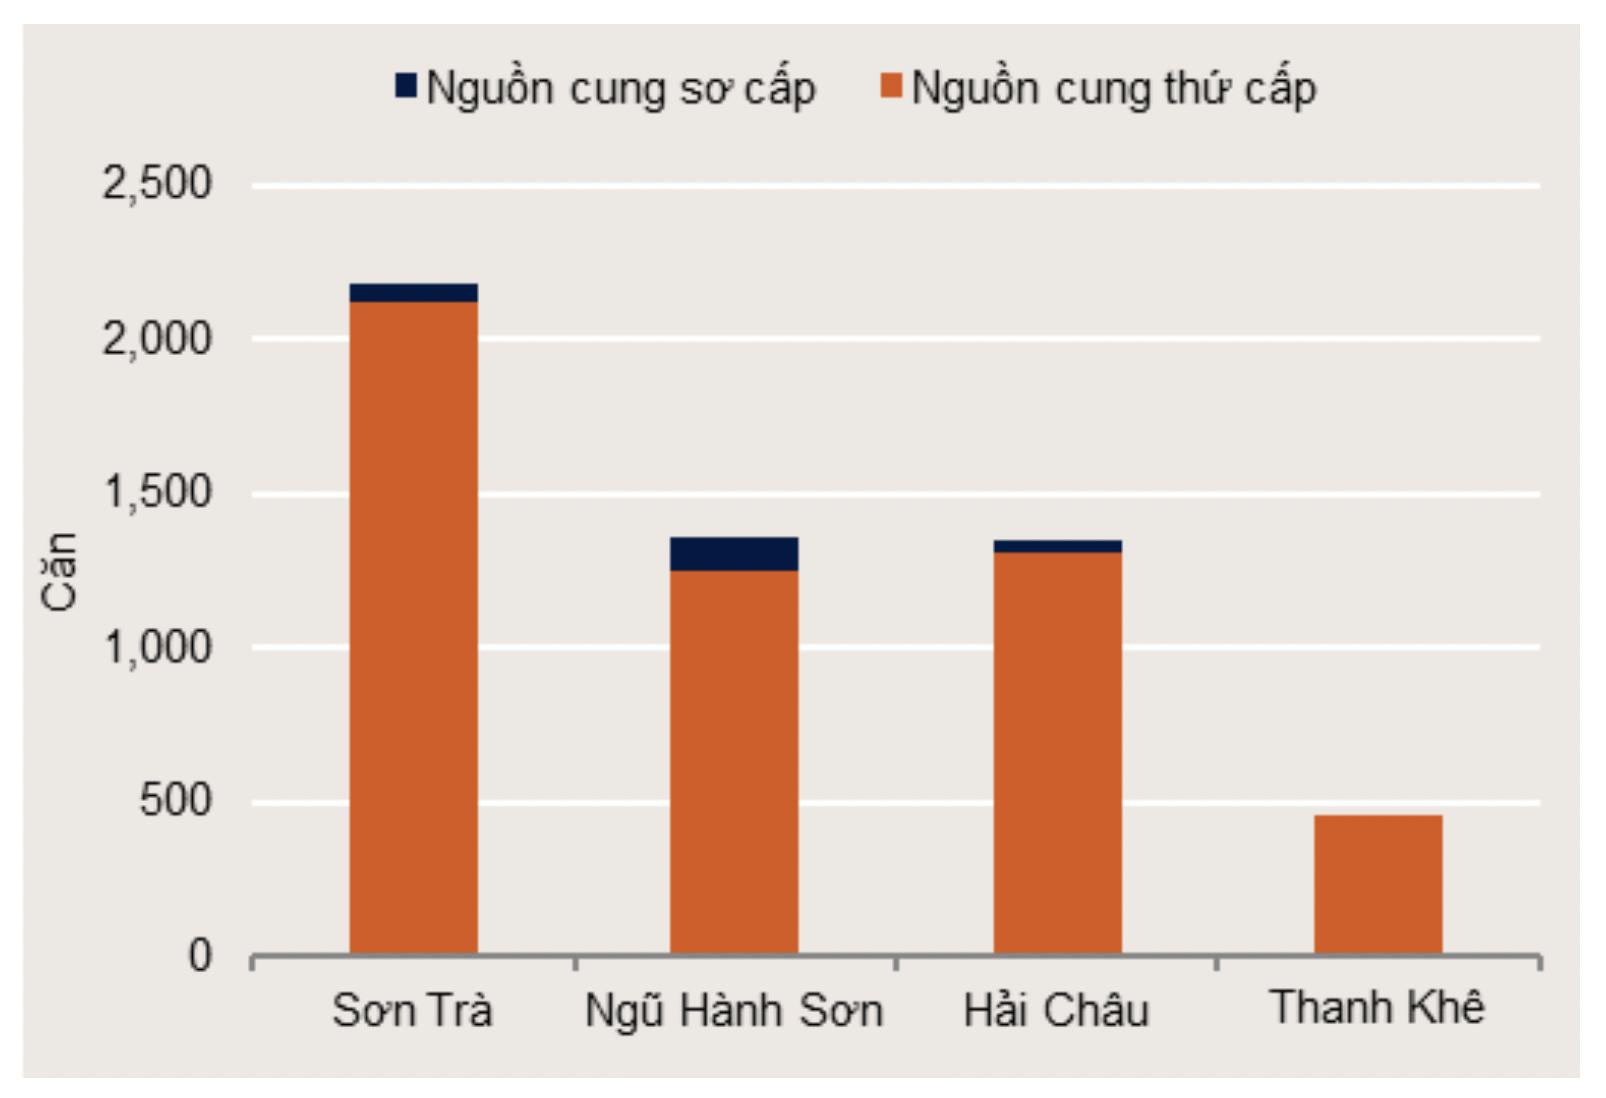 Thi Truong Nguon Cung Can Ho Ban Nua Dau Nam 2019